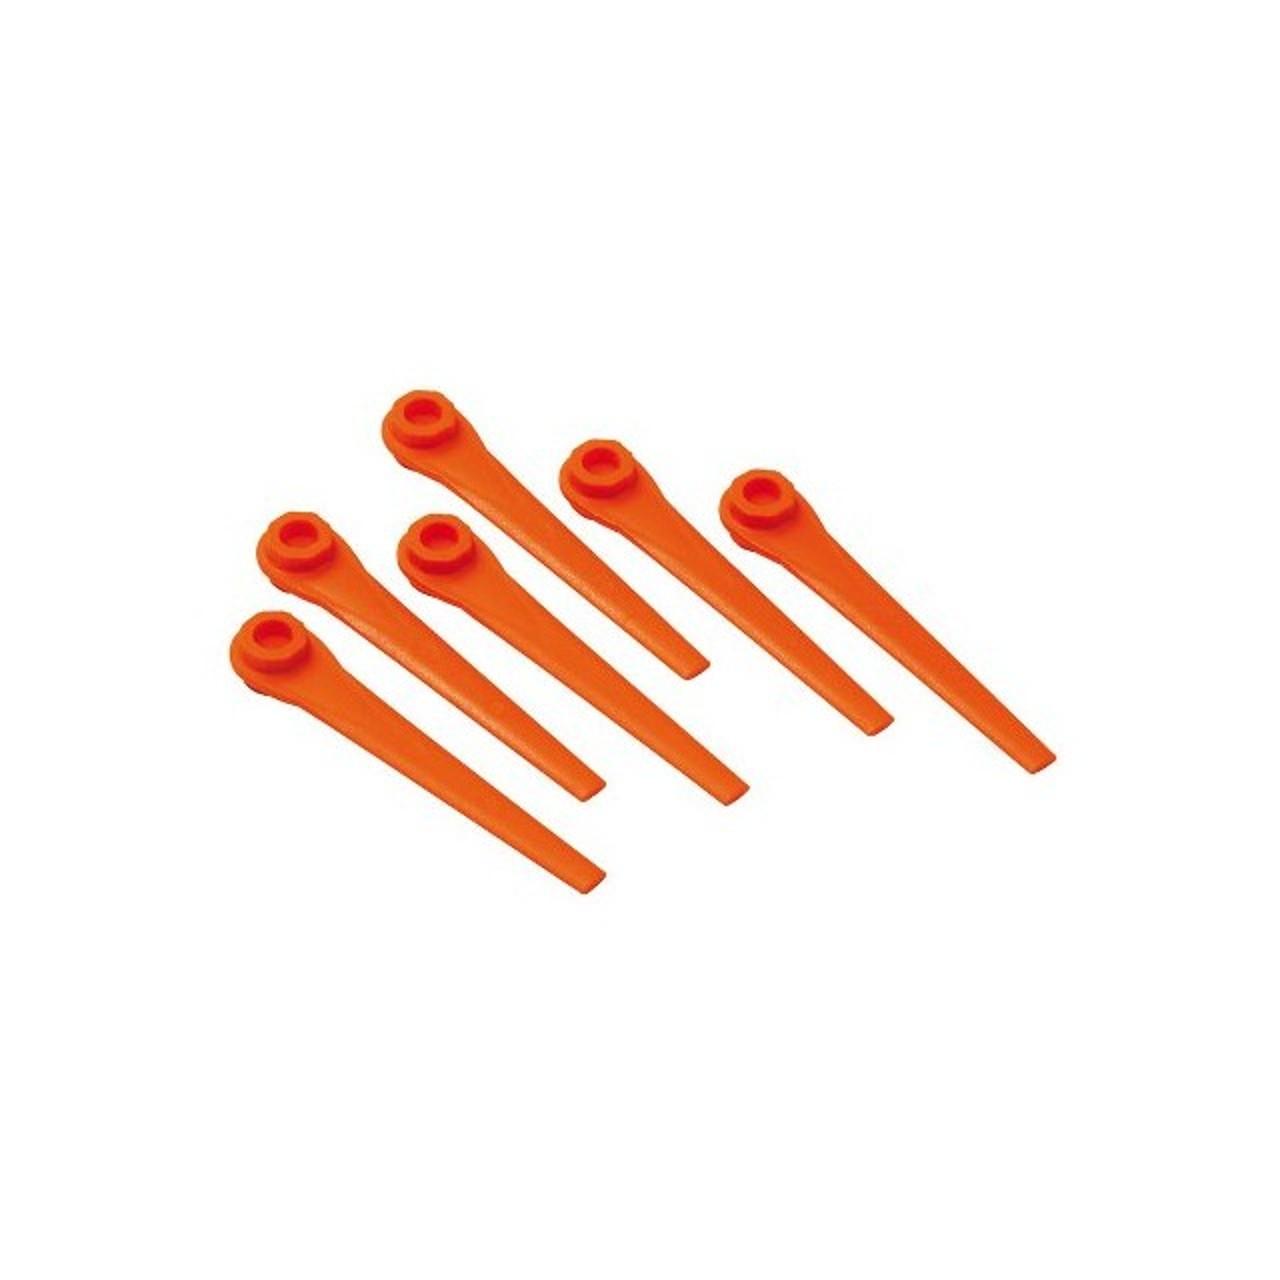 Náhradní nože (20 ks) pro Aku-vyžínač GARDENA EasyCut 5368-20